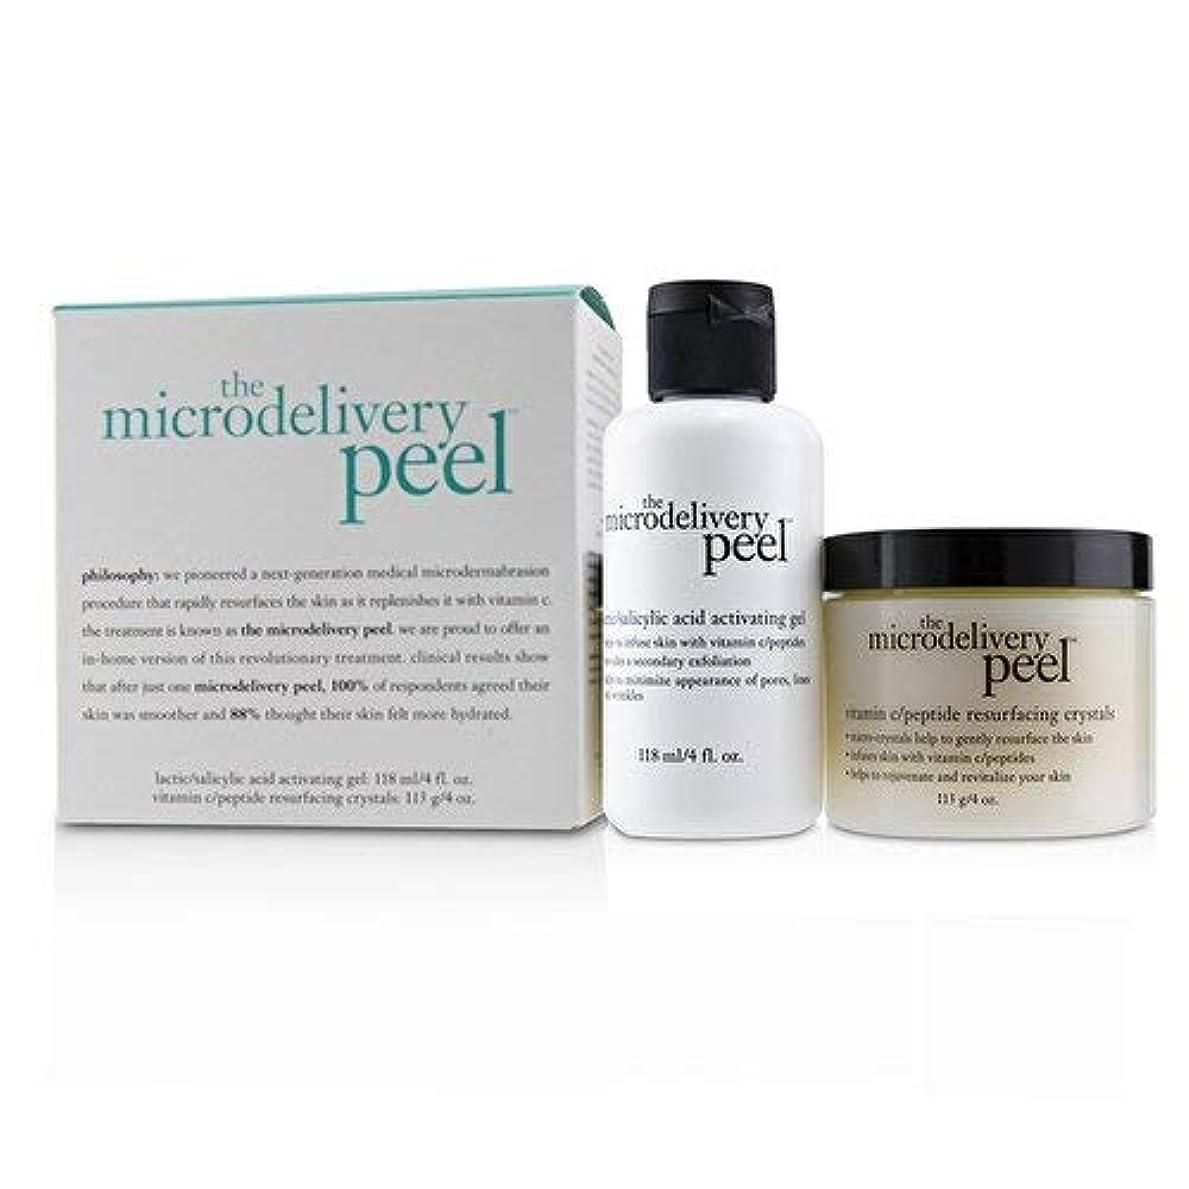 不幸認知有利フィロソフィー The Microdelivery Peel: Lactic/Salicylic Acid Activating Gel 118ml + Vitamin C/Peptide Resurfacing Crystals...